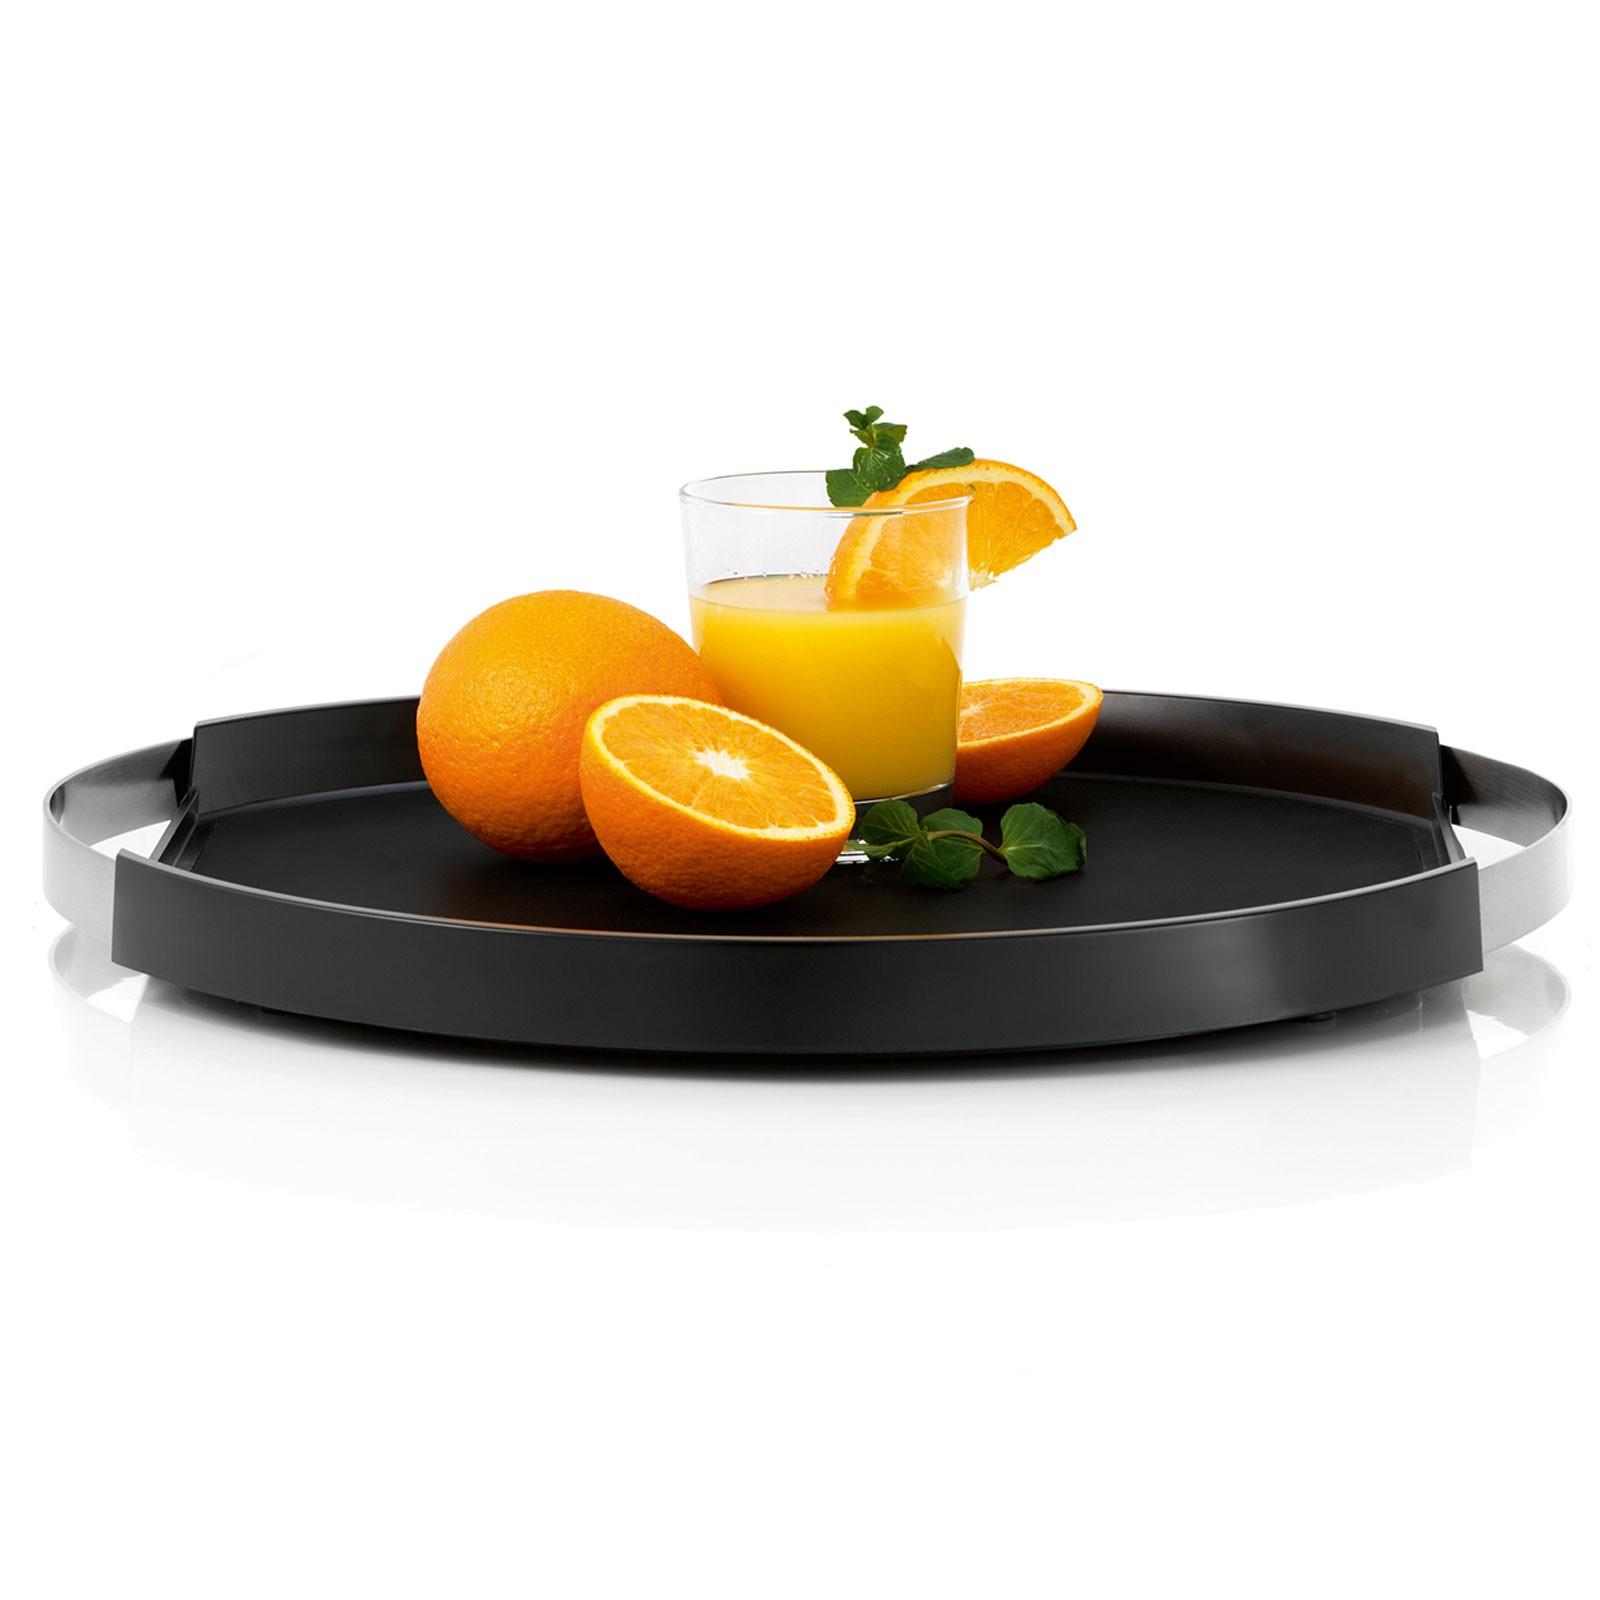 Tablett Serviertablett rund Edelstahl matt Kunststoff Silikon blomus PEGOS